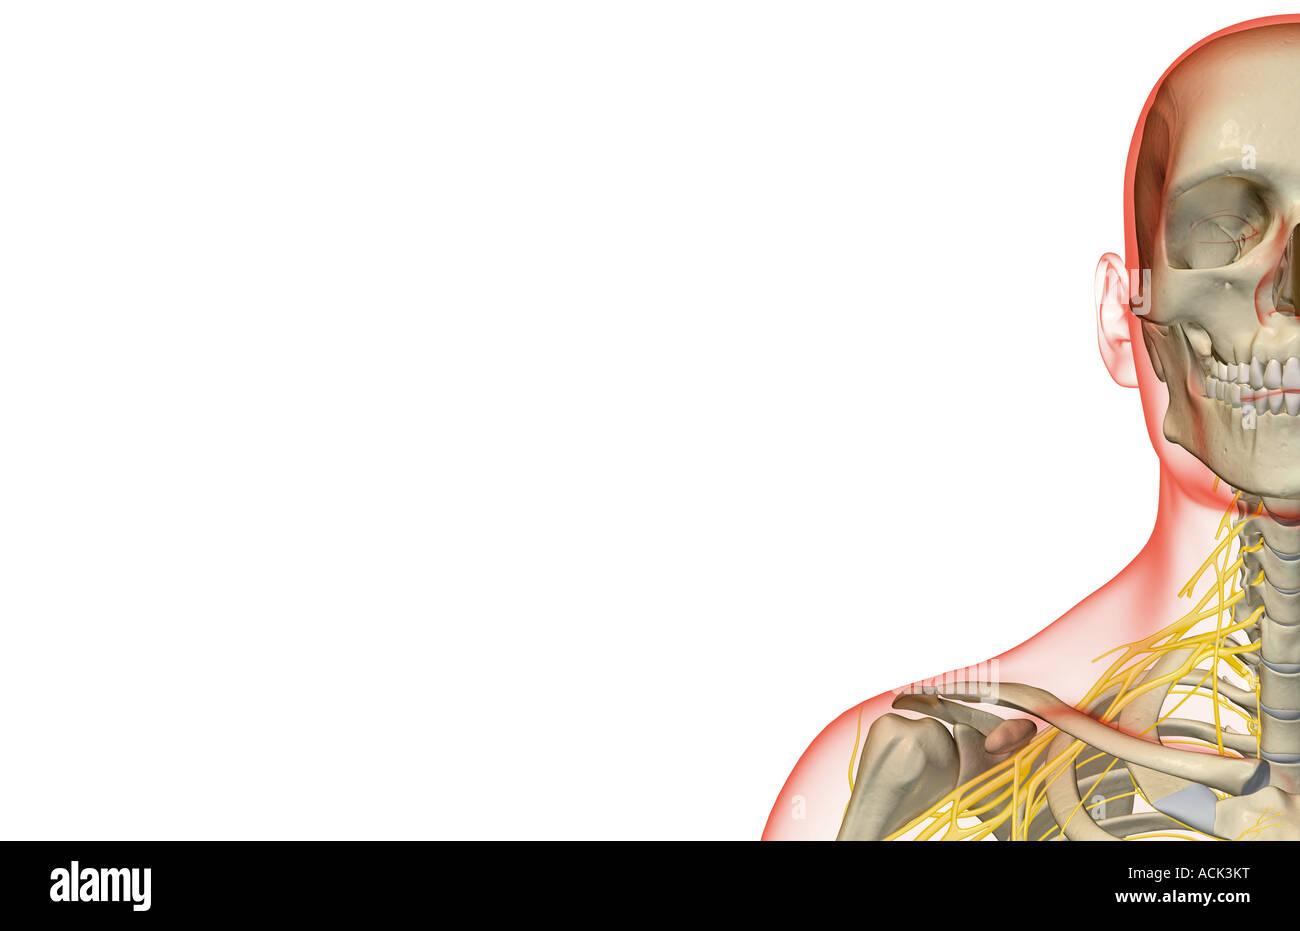 Fantastisch Hals Nasen Rachen Anatomie Zeitgenössisch - Anatomie ...